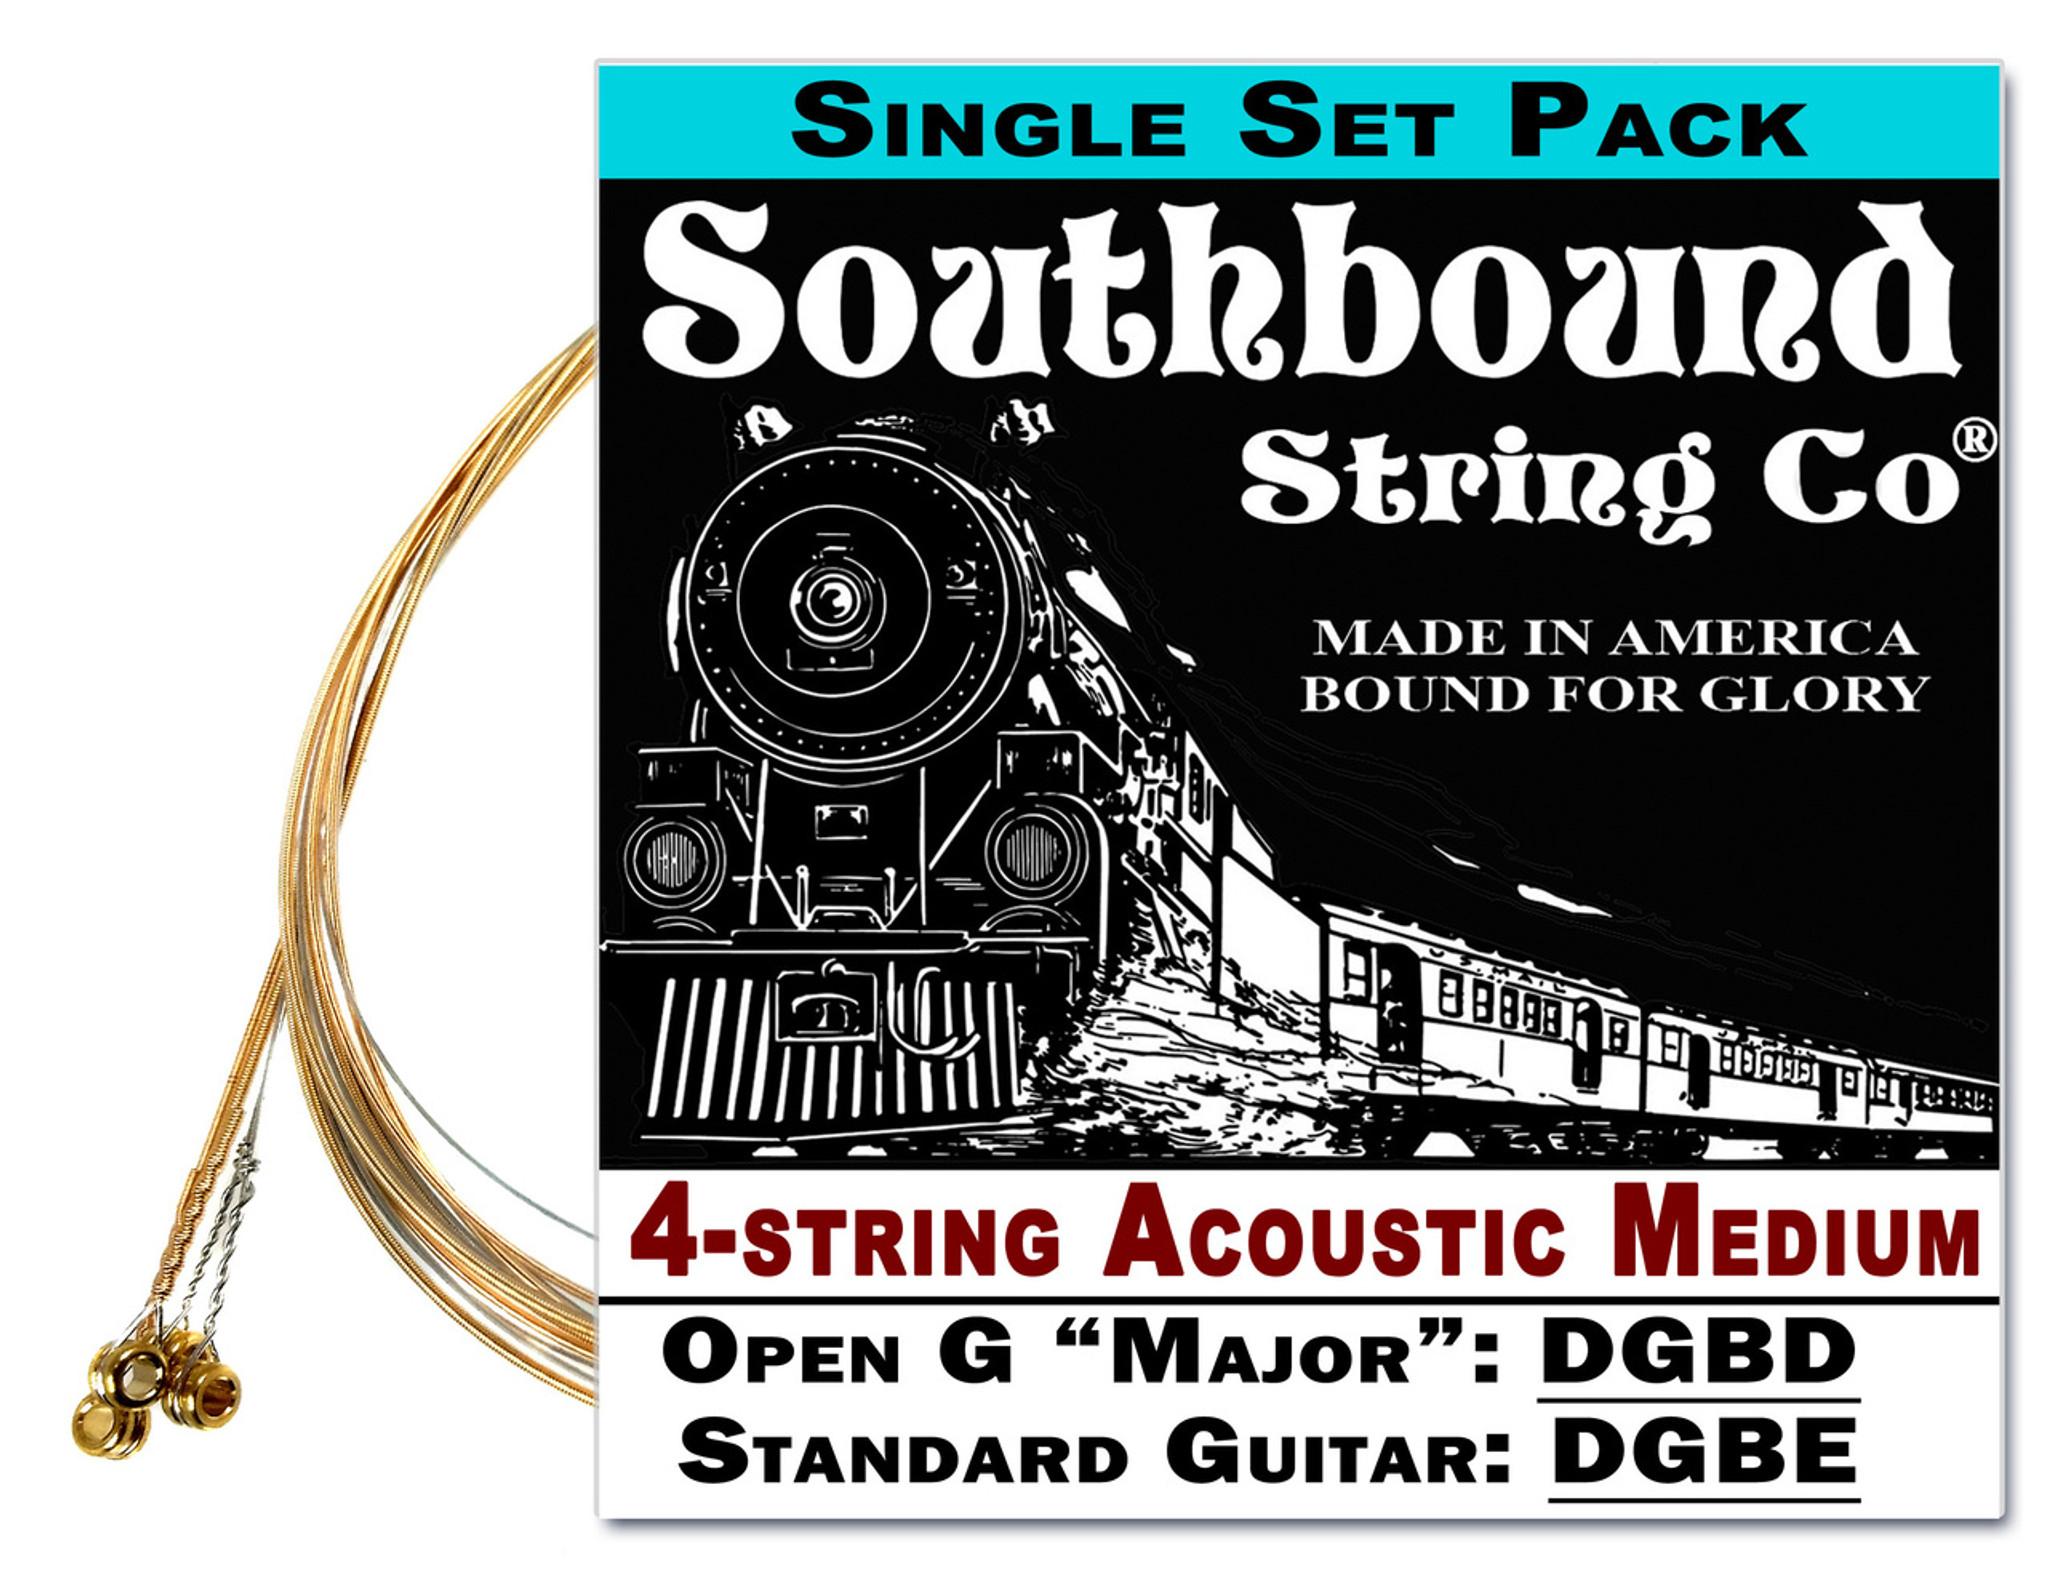 Acoustic Medium 4 String Cigar Box Guitar Strings Open Gstandard